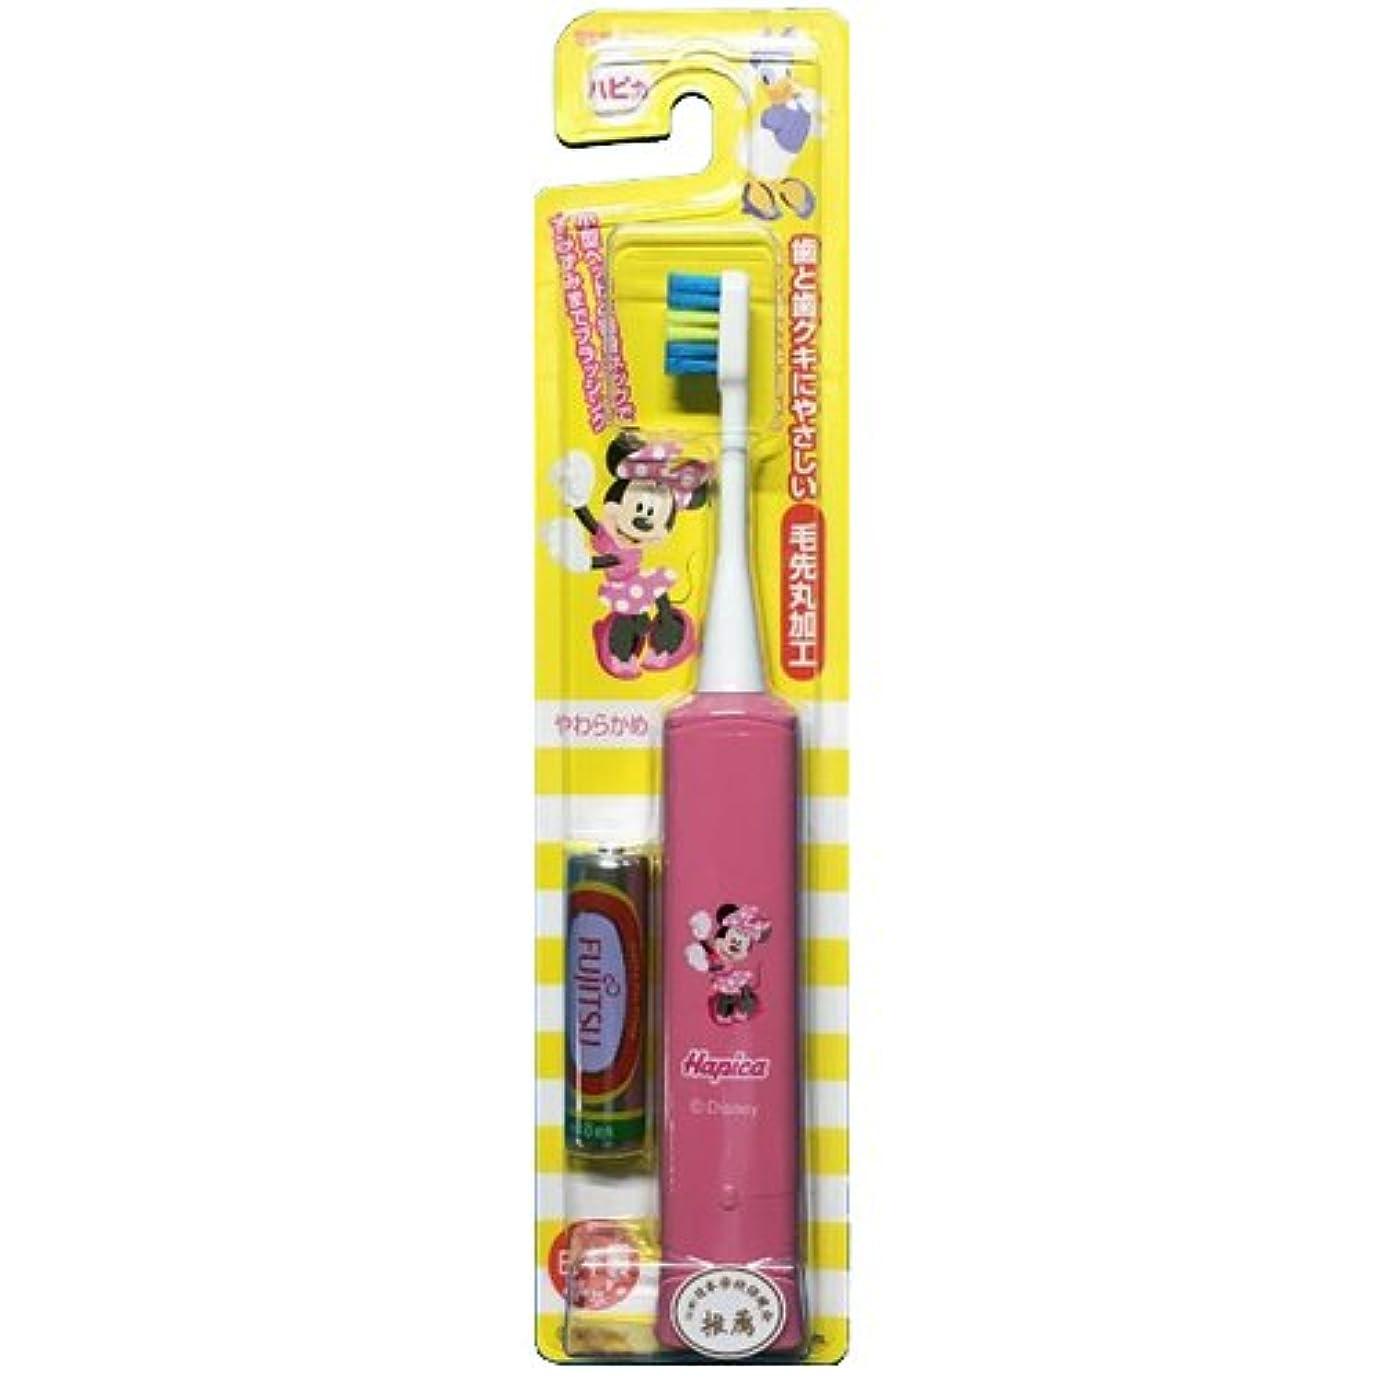 バリケードブロッサム煩わしいミニマム 電動付歯ブラシ こどもハピカ ミニー(ピンク) 毛の硬さ:やわらかめ DBK-5P(MK)